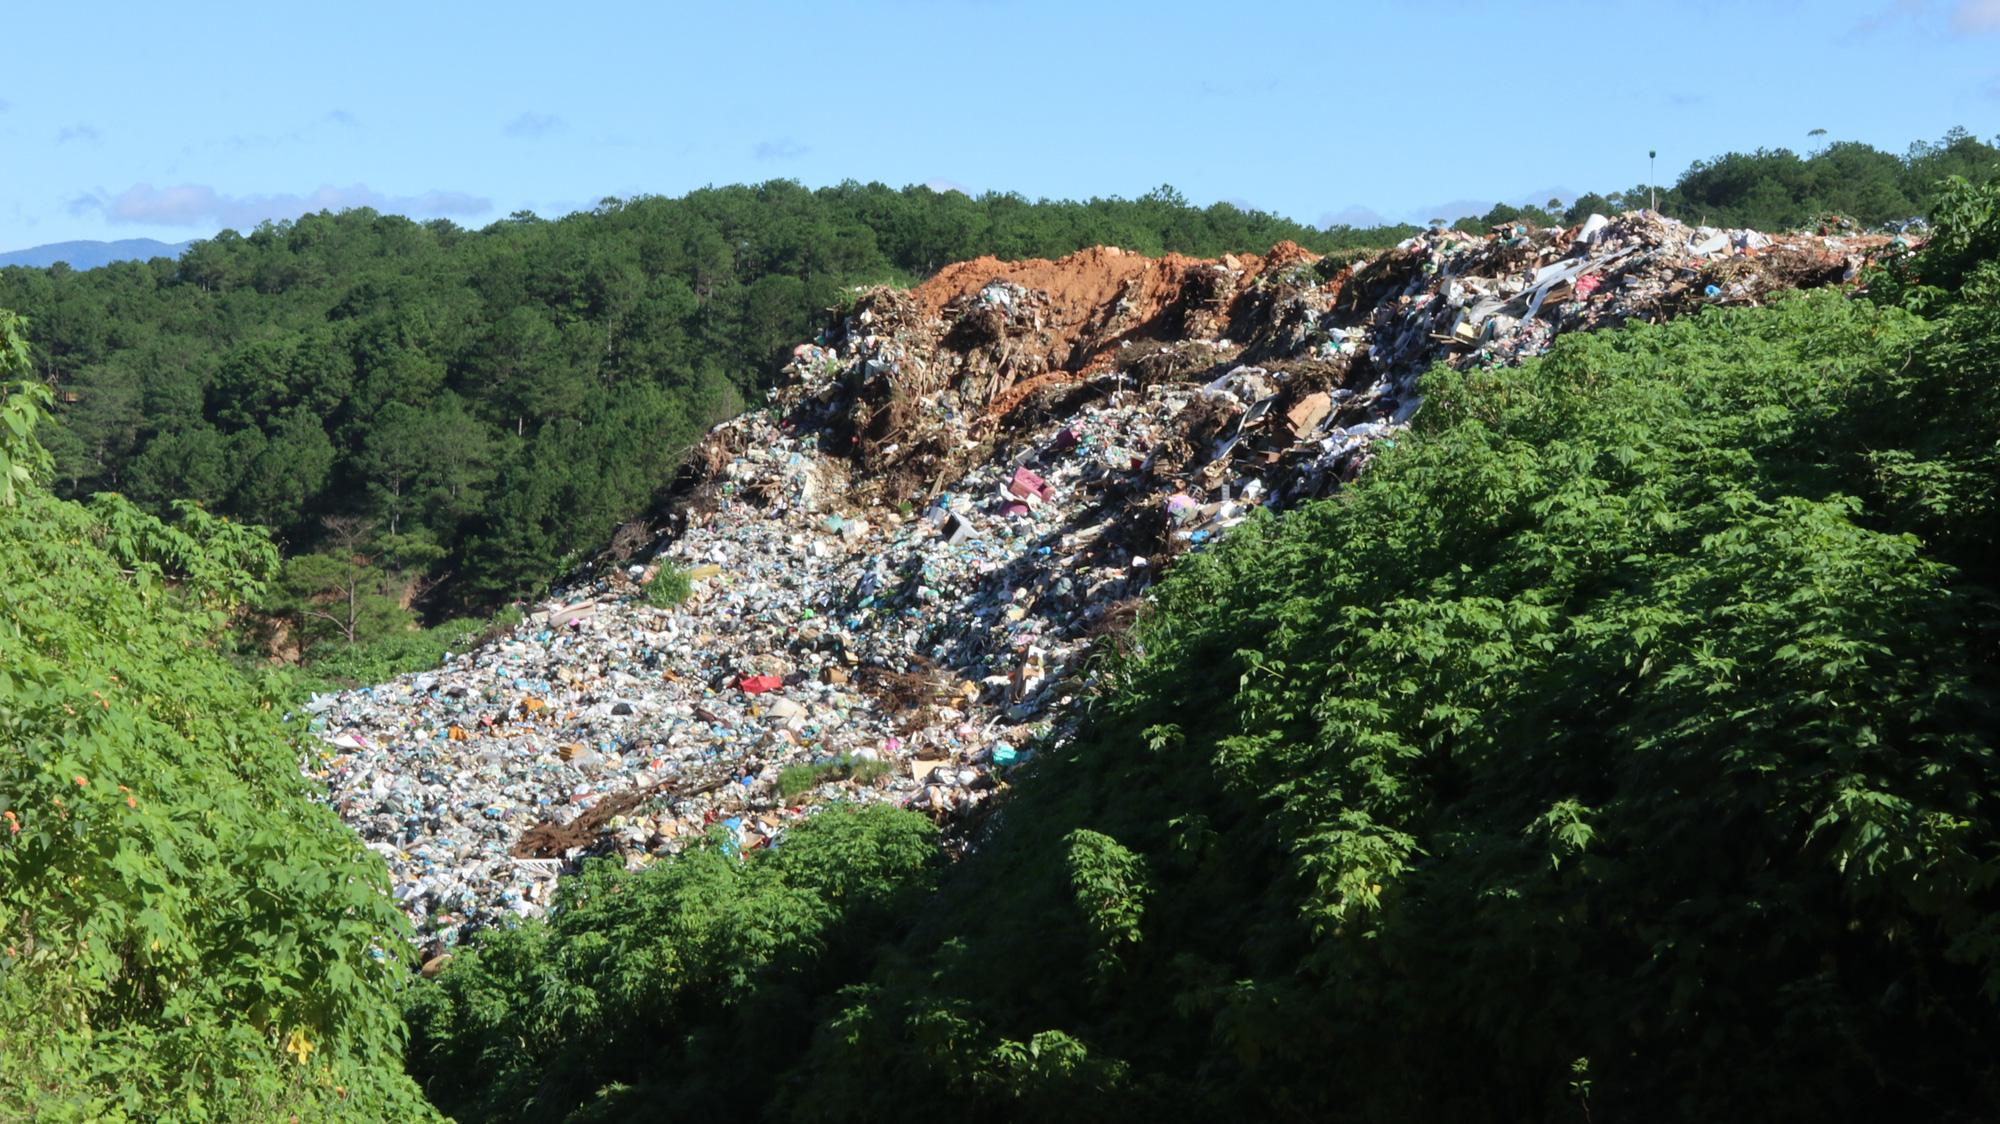 Mất bao nhiêu tiền để Lâm Đồng đóng cửa bãi rác Cam Ly? - Ảnh 4.